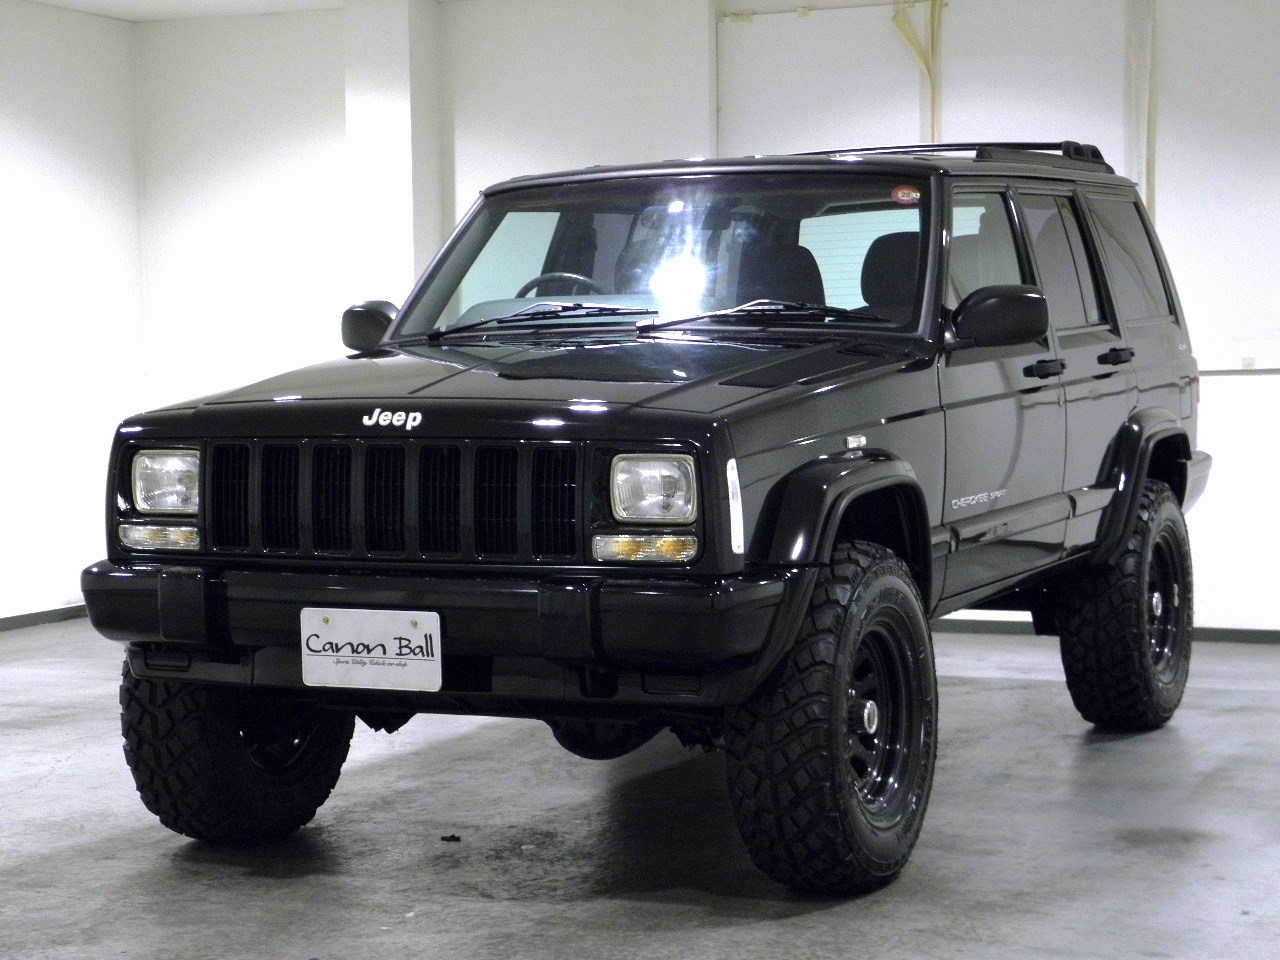 LTD-ブラックホイール&ボディリフトUP 黒本革シート&ウッドインテリア HDDナビ一体機 【XJ型Jeep最終モデル】 (画像別)